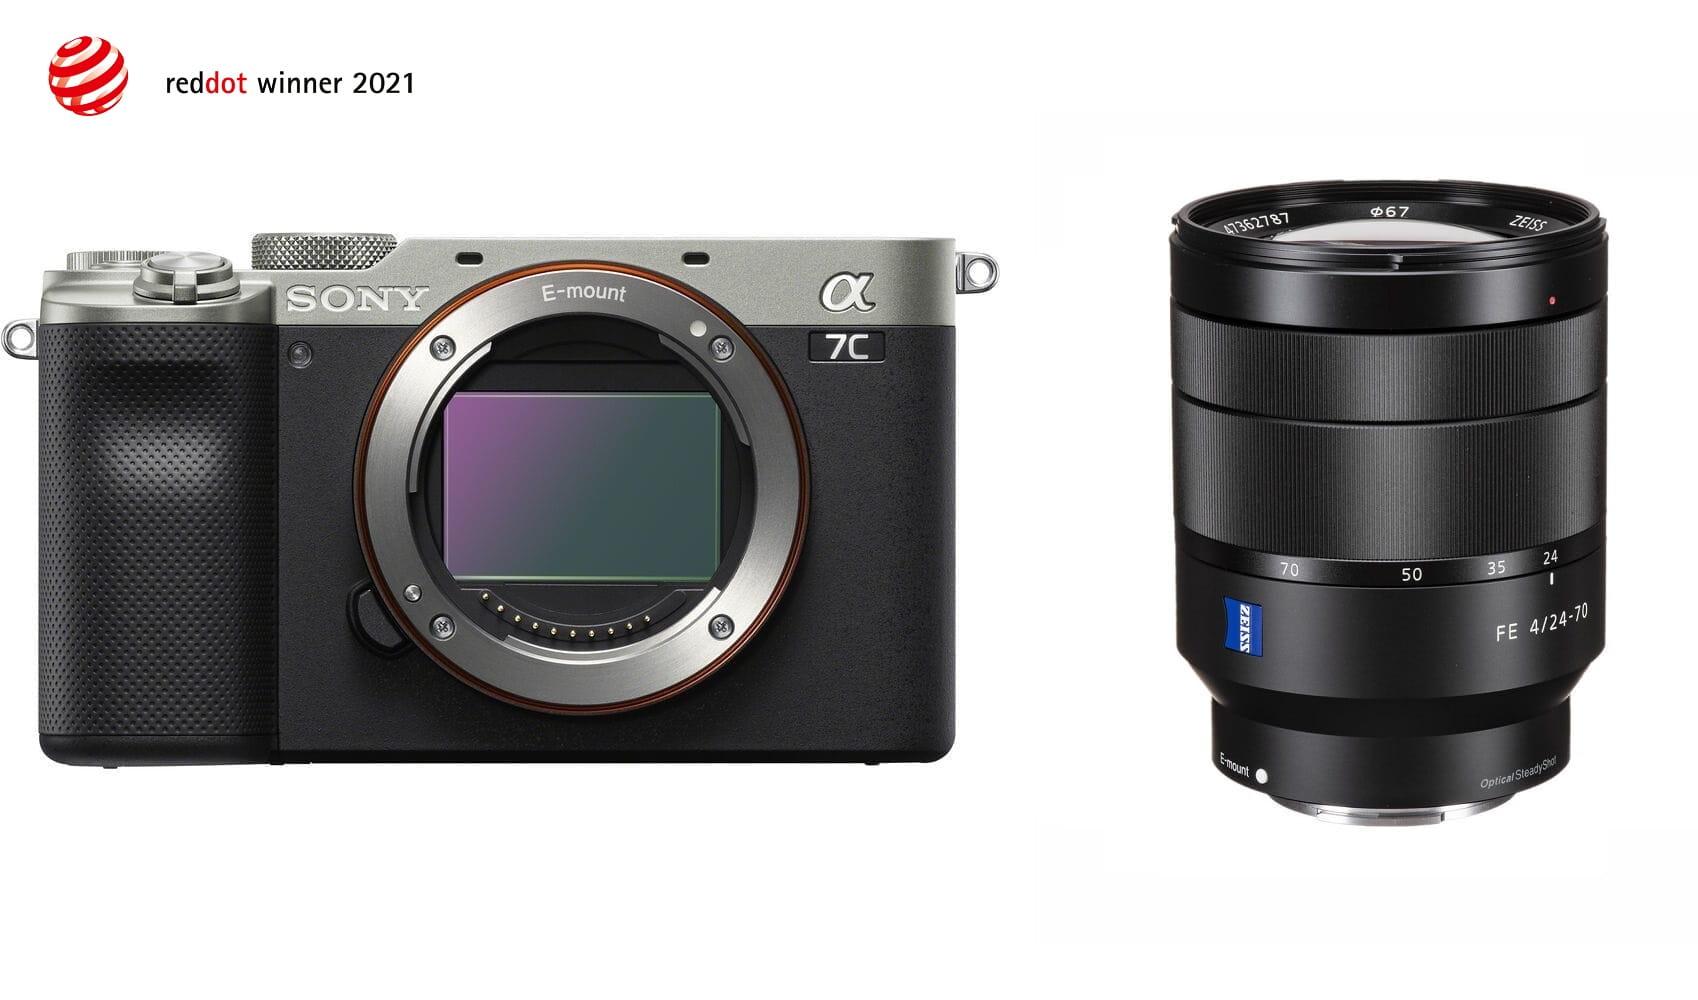 Aparat cyfrowy Sony A7C srebrny ILCE7C + obiektyw Sony Zeiss Vario-Tessar® T* FE 24-70 mm F4 ZA OSS - SEL2470Z + cashback 900 i 650 zł